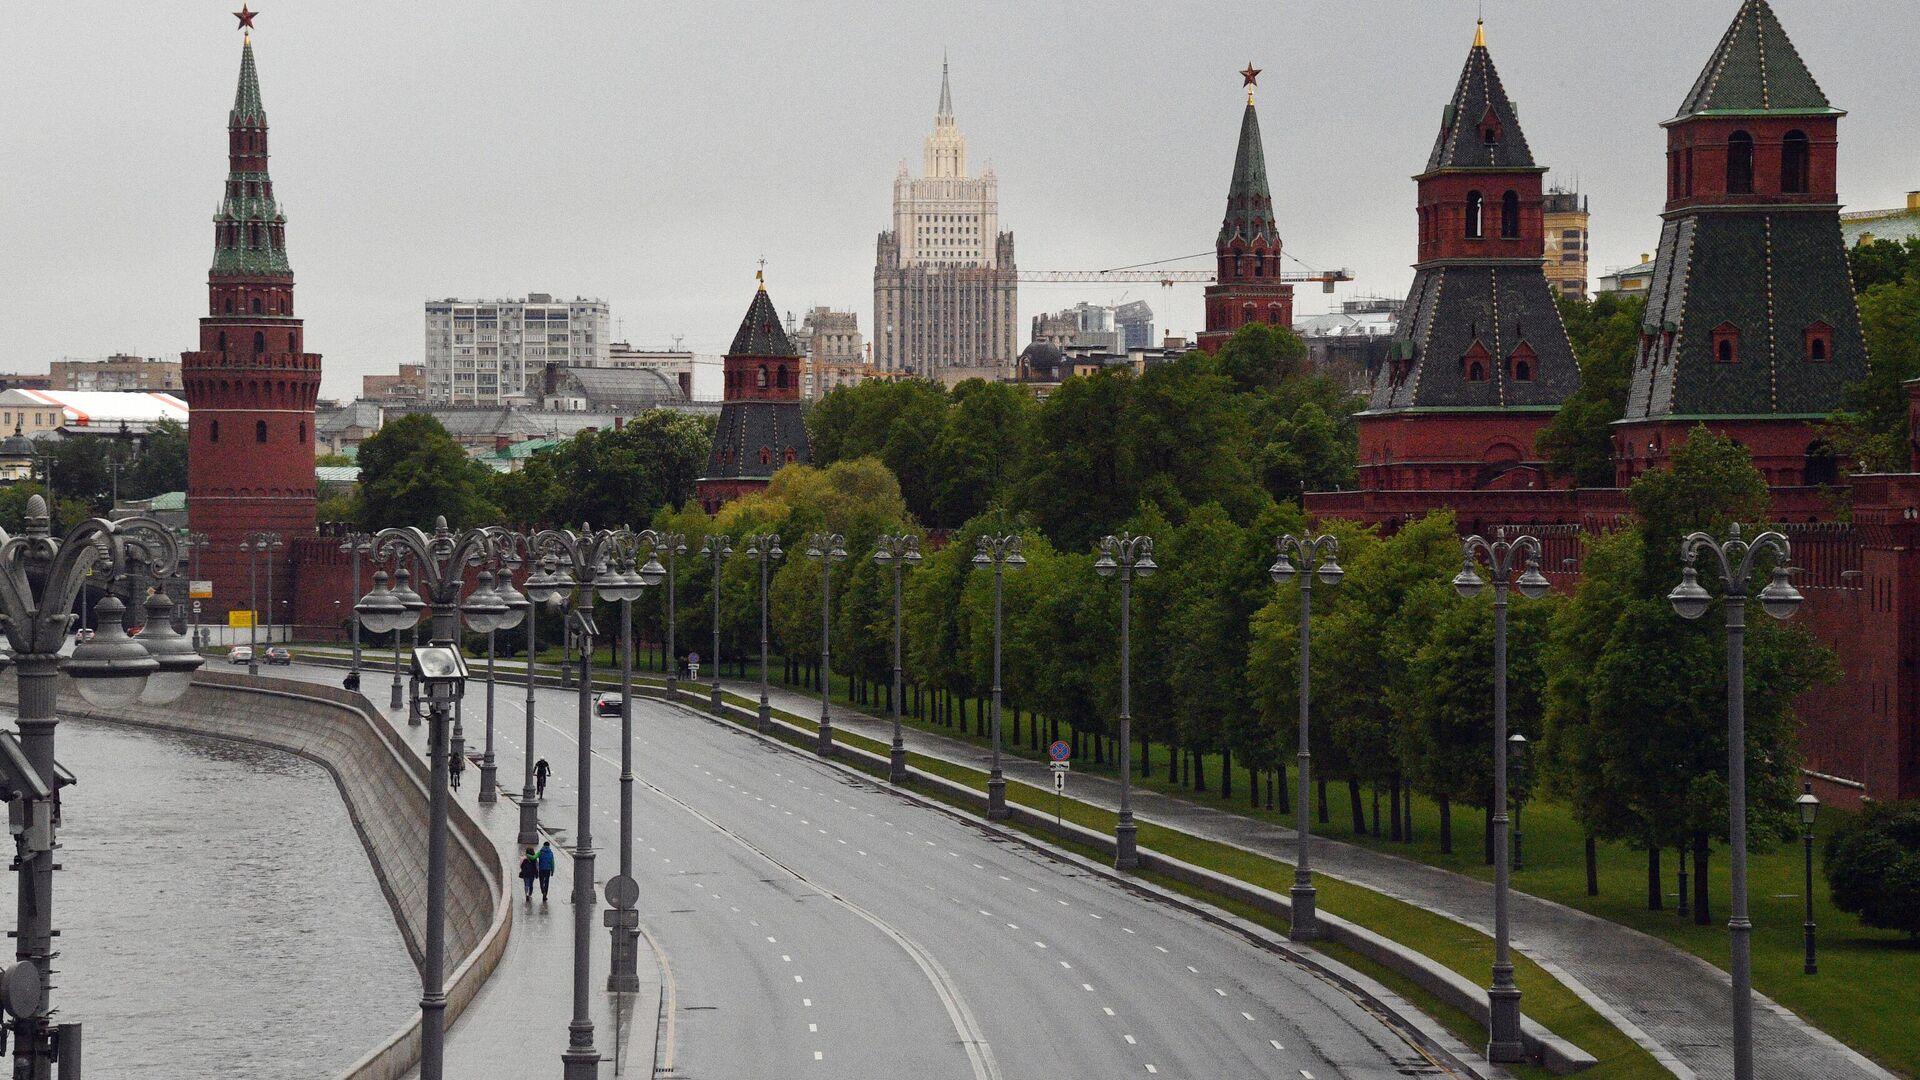 Кремлевская набережная в Москве - РИА Новости, 1920, 28.07.2021